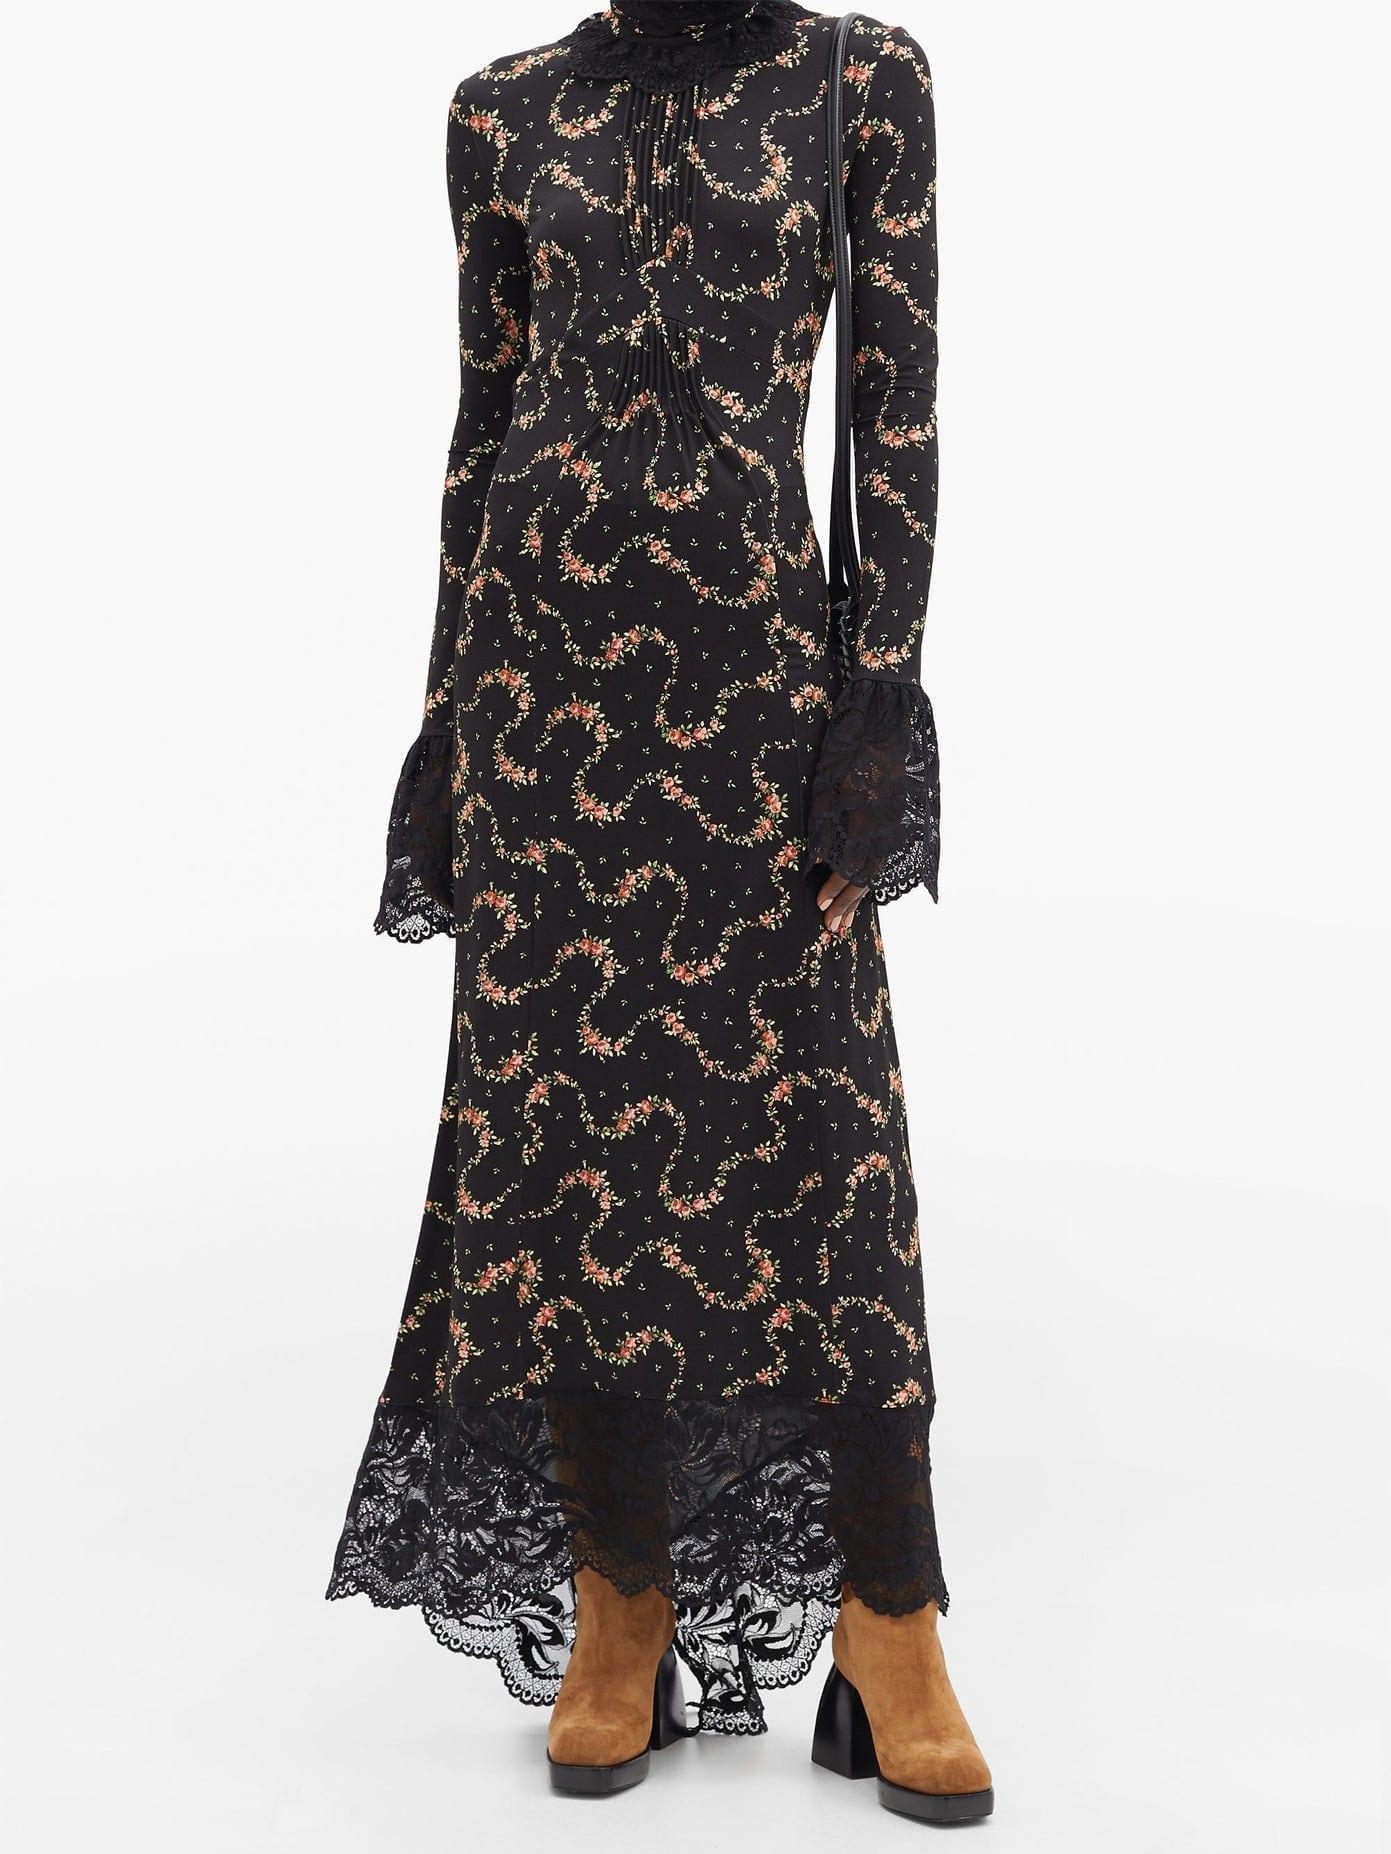 PACO RABANNE Floral-print Lace-trim Maxi Dress